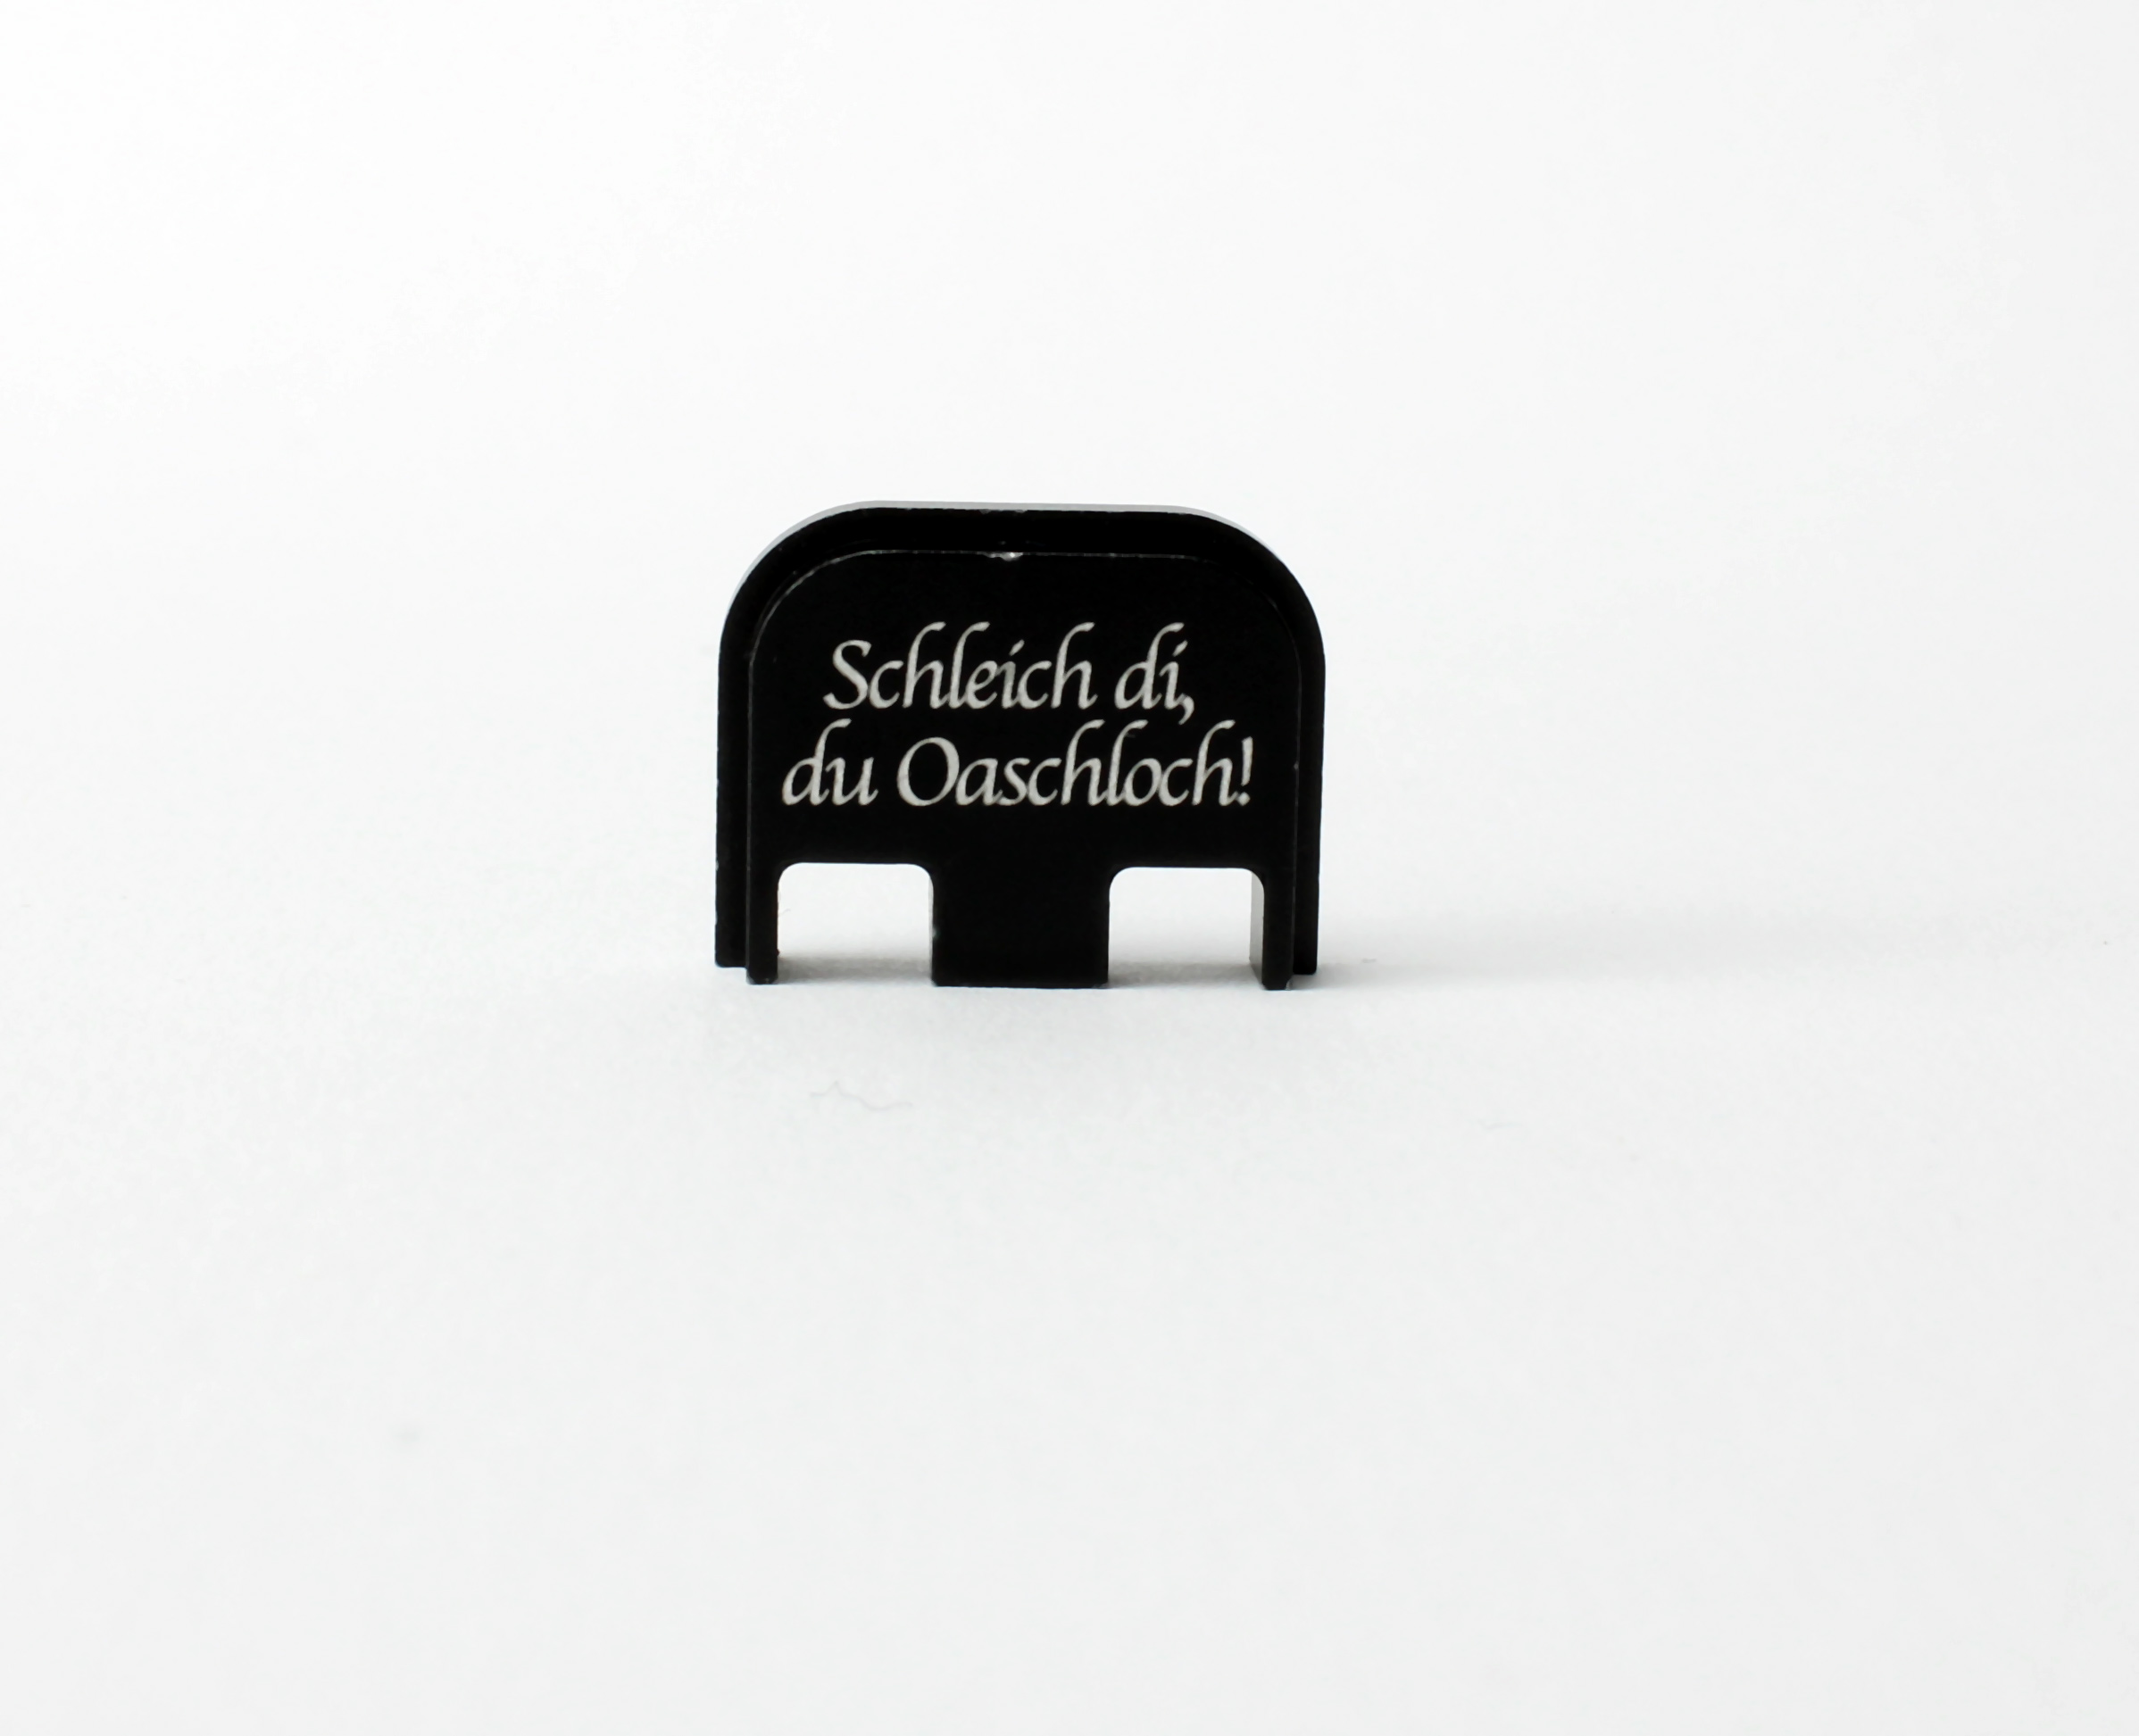 """Glock Backplate """"Schleich di, du Oaschloch!"""" Gen. 1-5"""